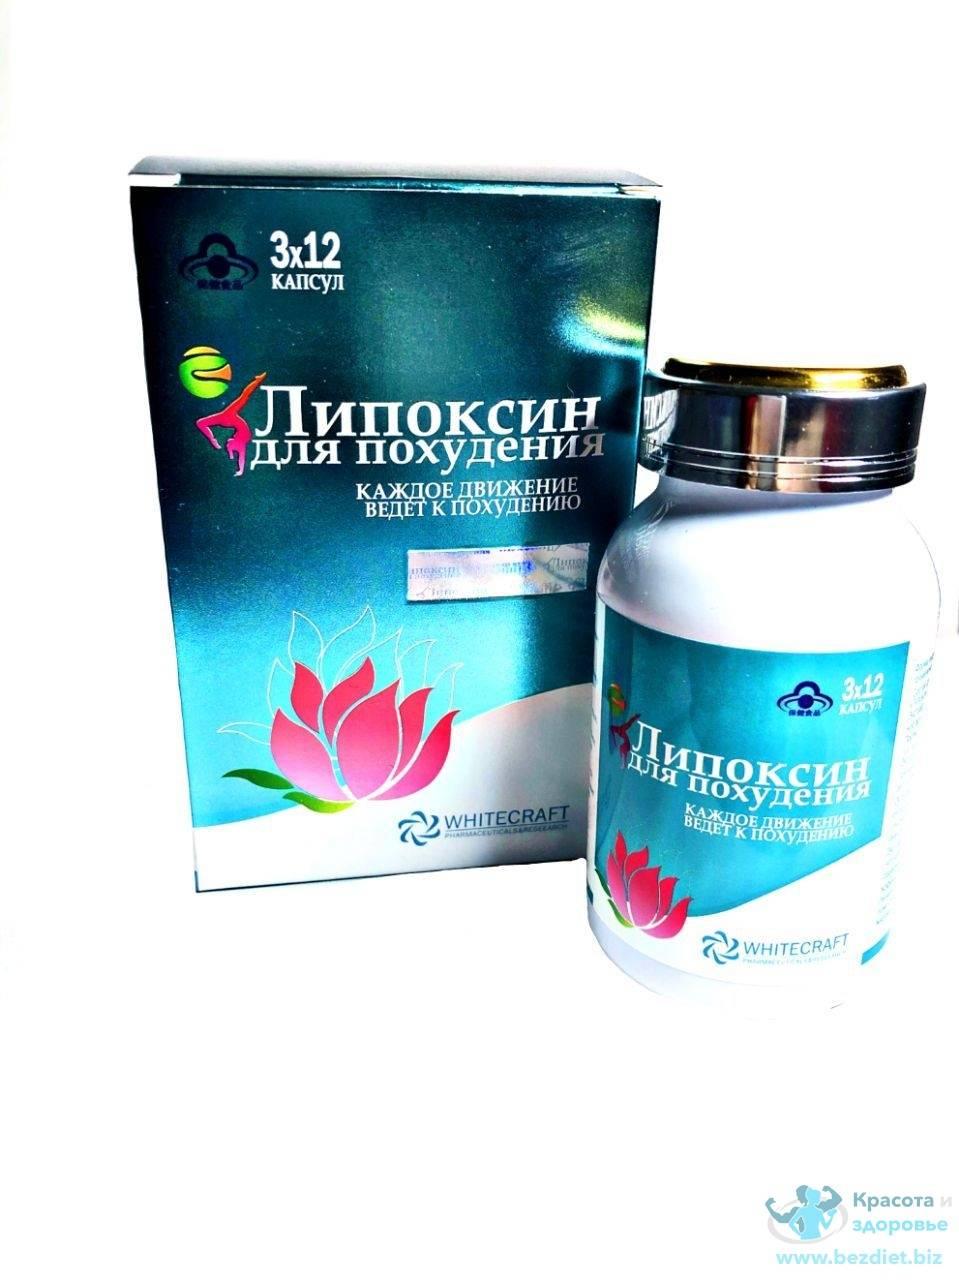 Для Похудения Растительный Препарат. Таблетки для похудения в аптеке 👌 рейтинг лучших в 2020 году